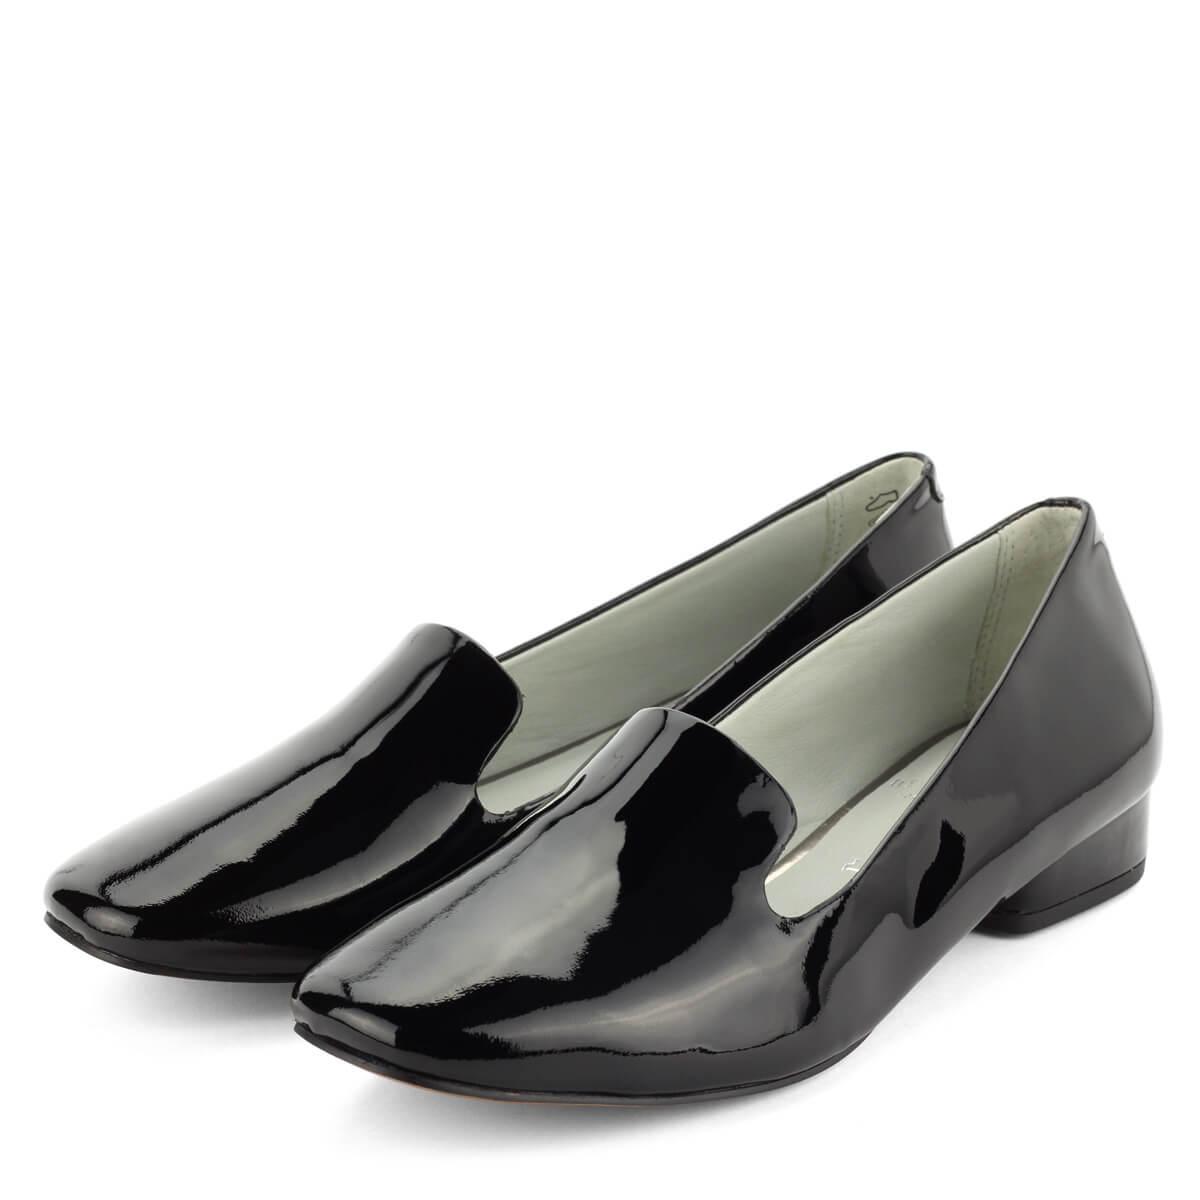 9126ac4c05 Be Natural női cipő fekete lakk bőr felsőrésszel 2,5 cm magas sarokkal